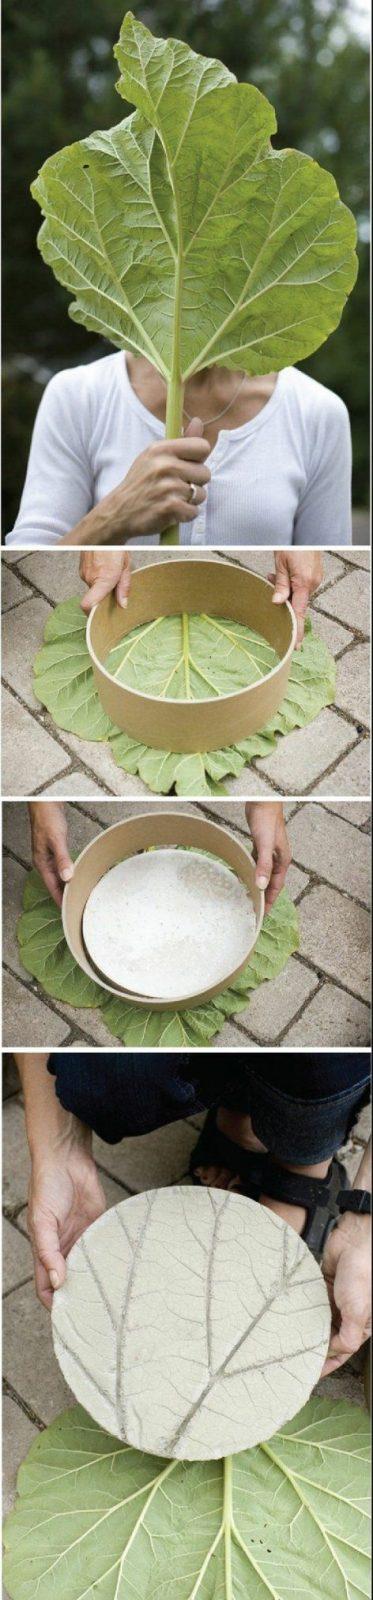 Asiatischer Garten Deko von Asiatische Deko Selber Machen Photo